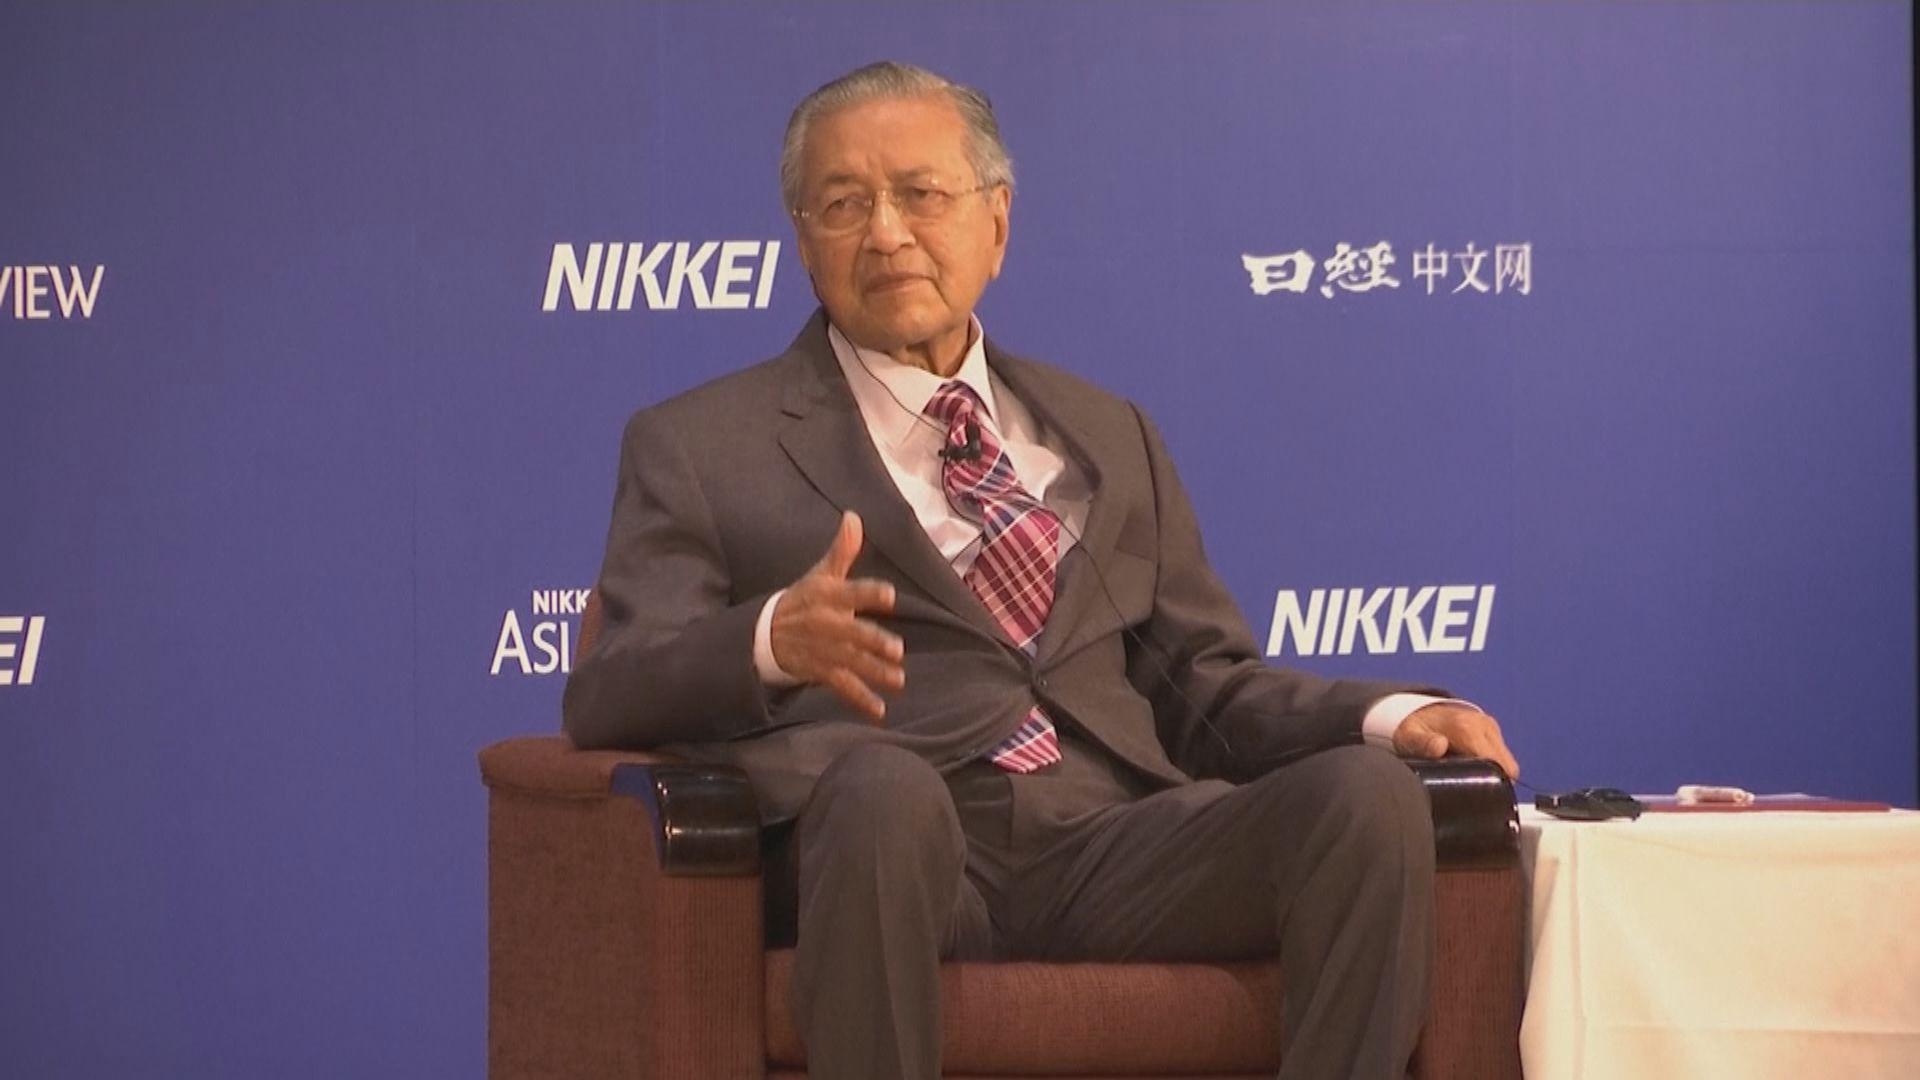 馬哈蒂爾:馬來西亞將使用華為技術